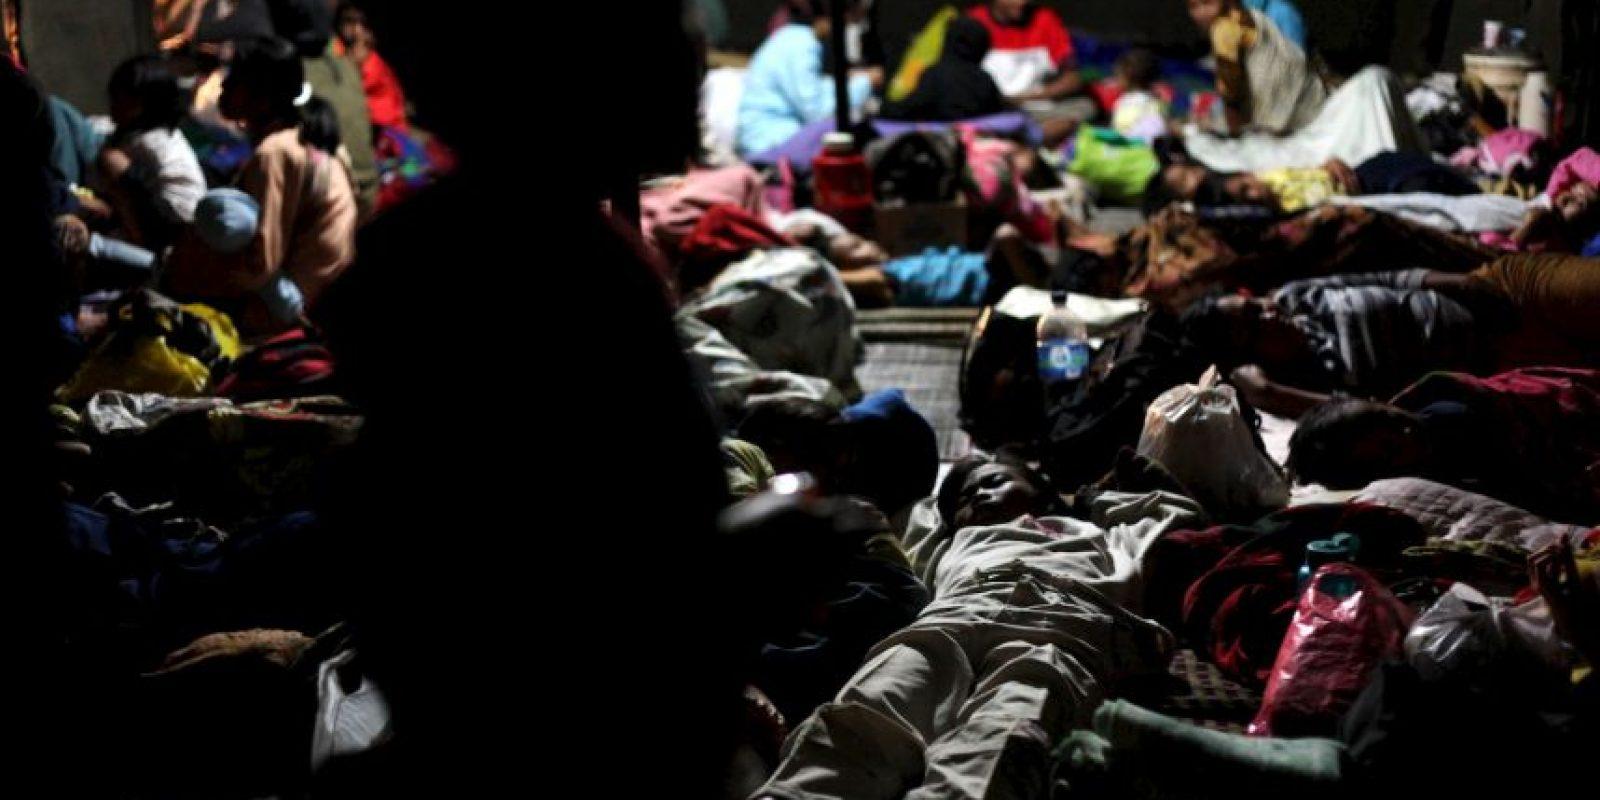 De acuerdo con la Agencia de la ONU para Refugiados, ACNUR, Jordania tiene una población de inmigrantes y refugiados de 4.4 millones. Foto:Getty Images